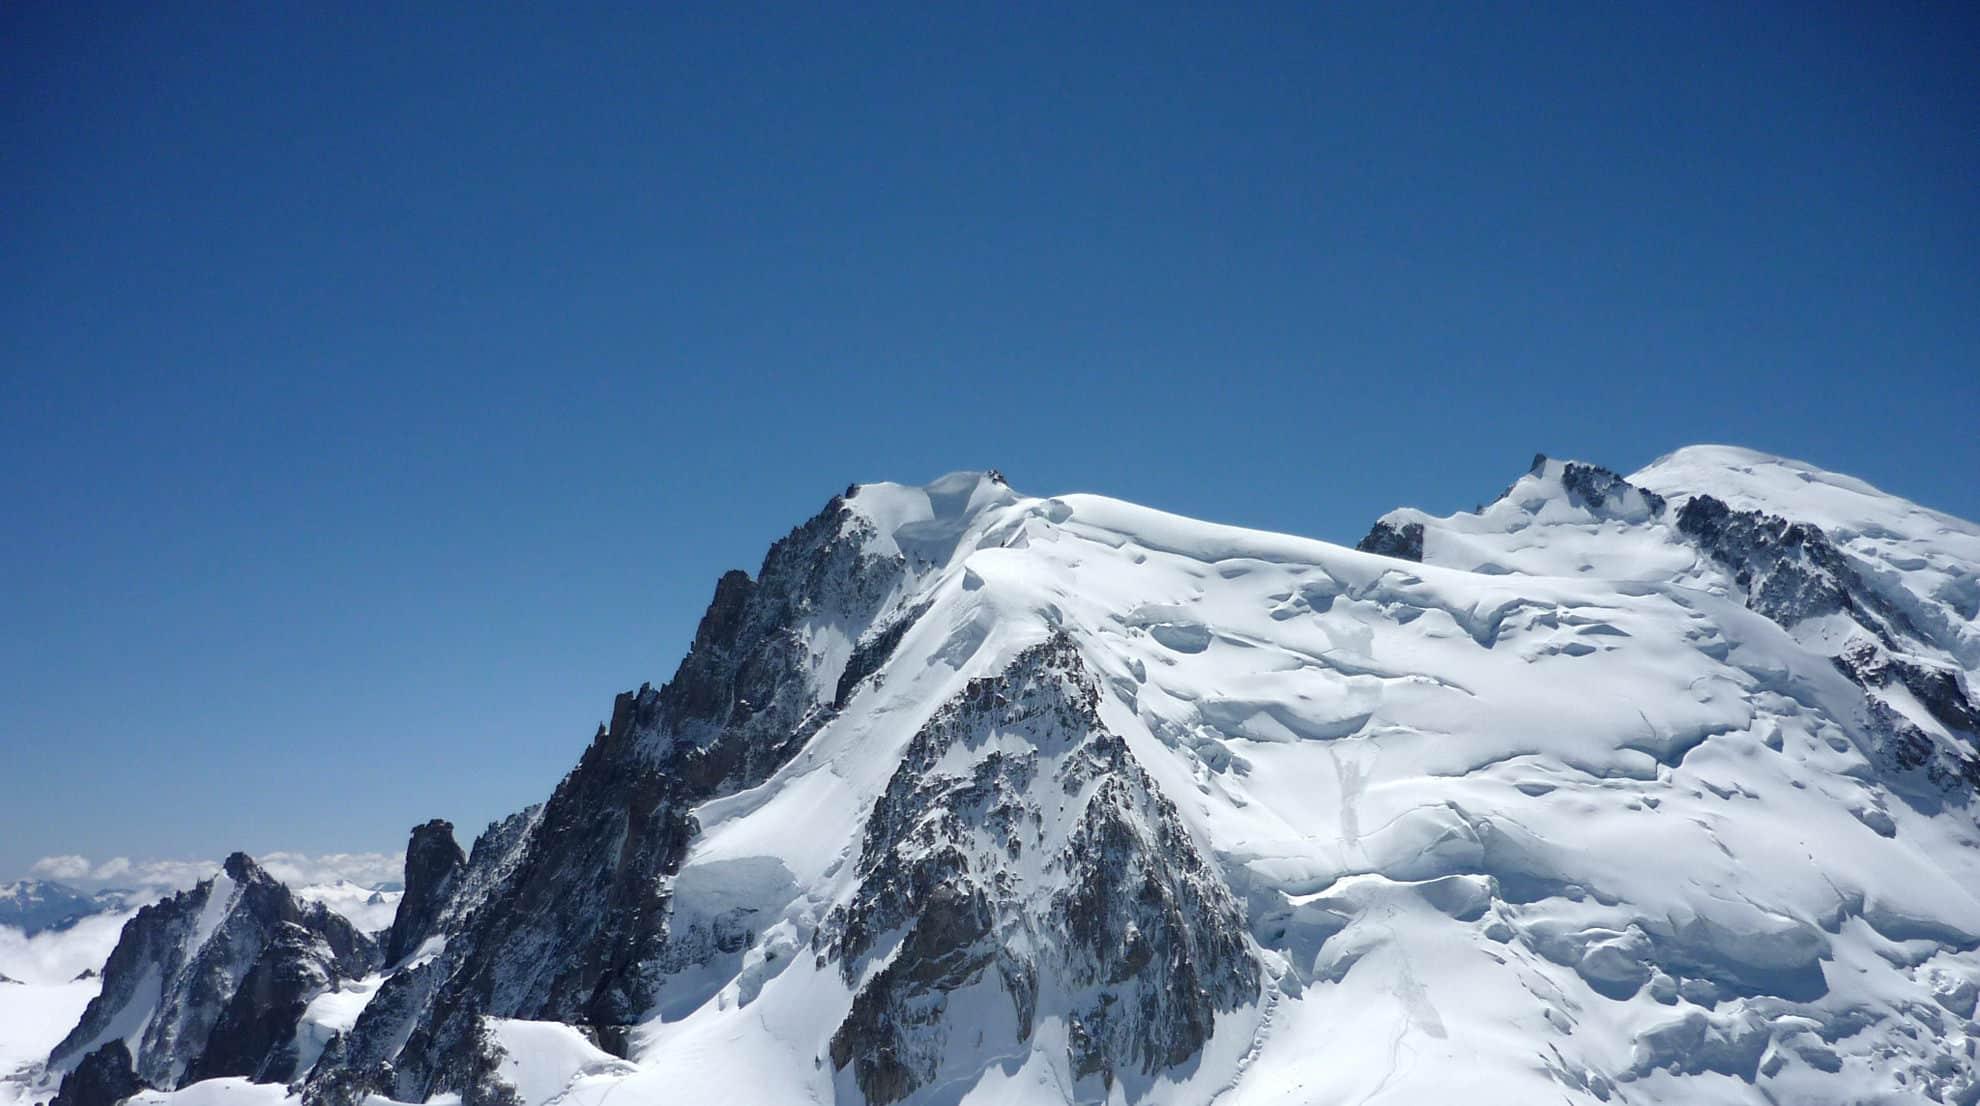 mont blanc du tacul - Mont Blanc du Tacul